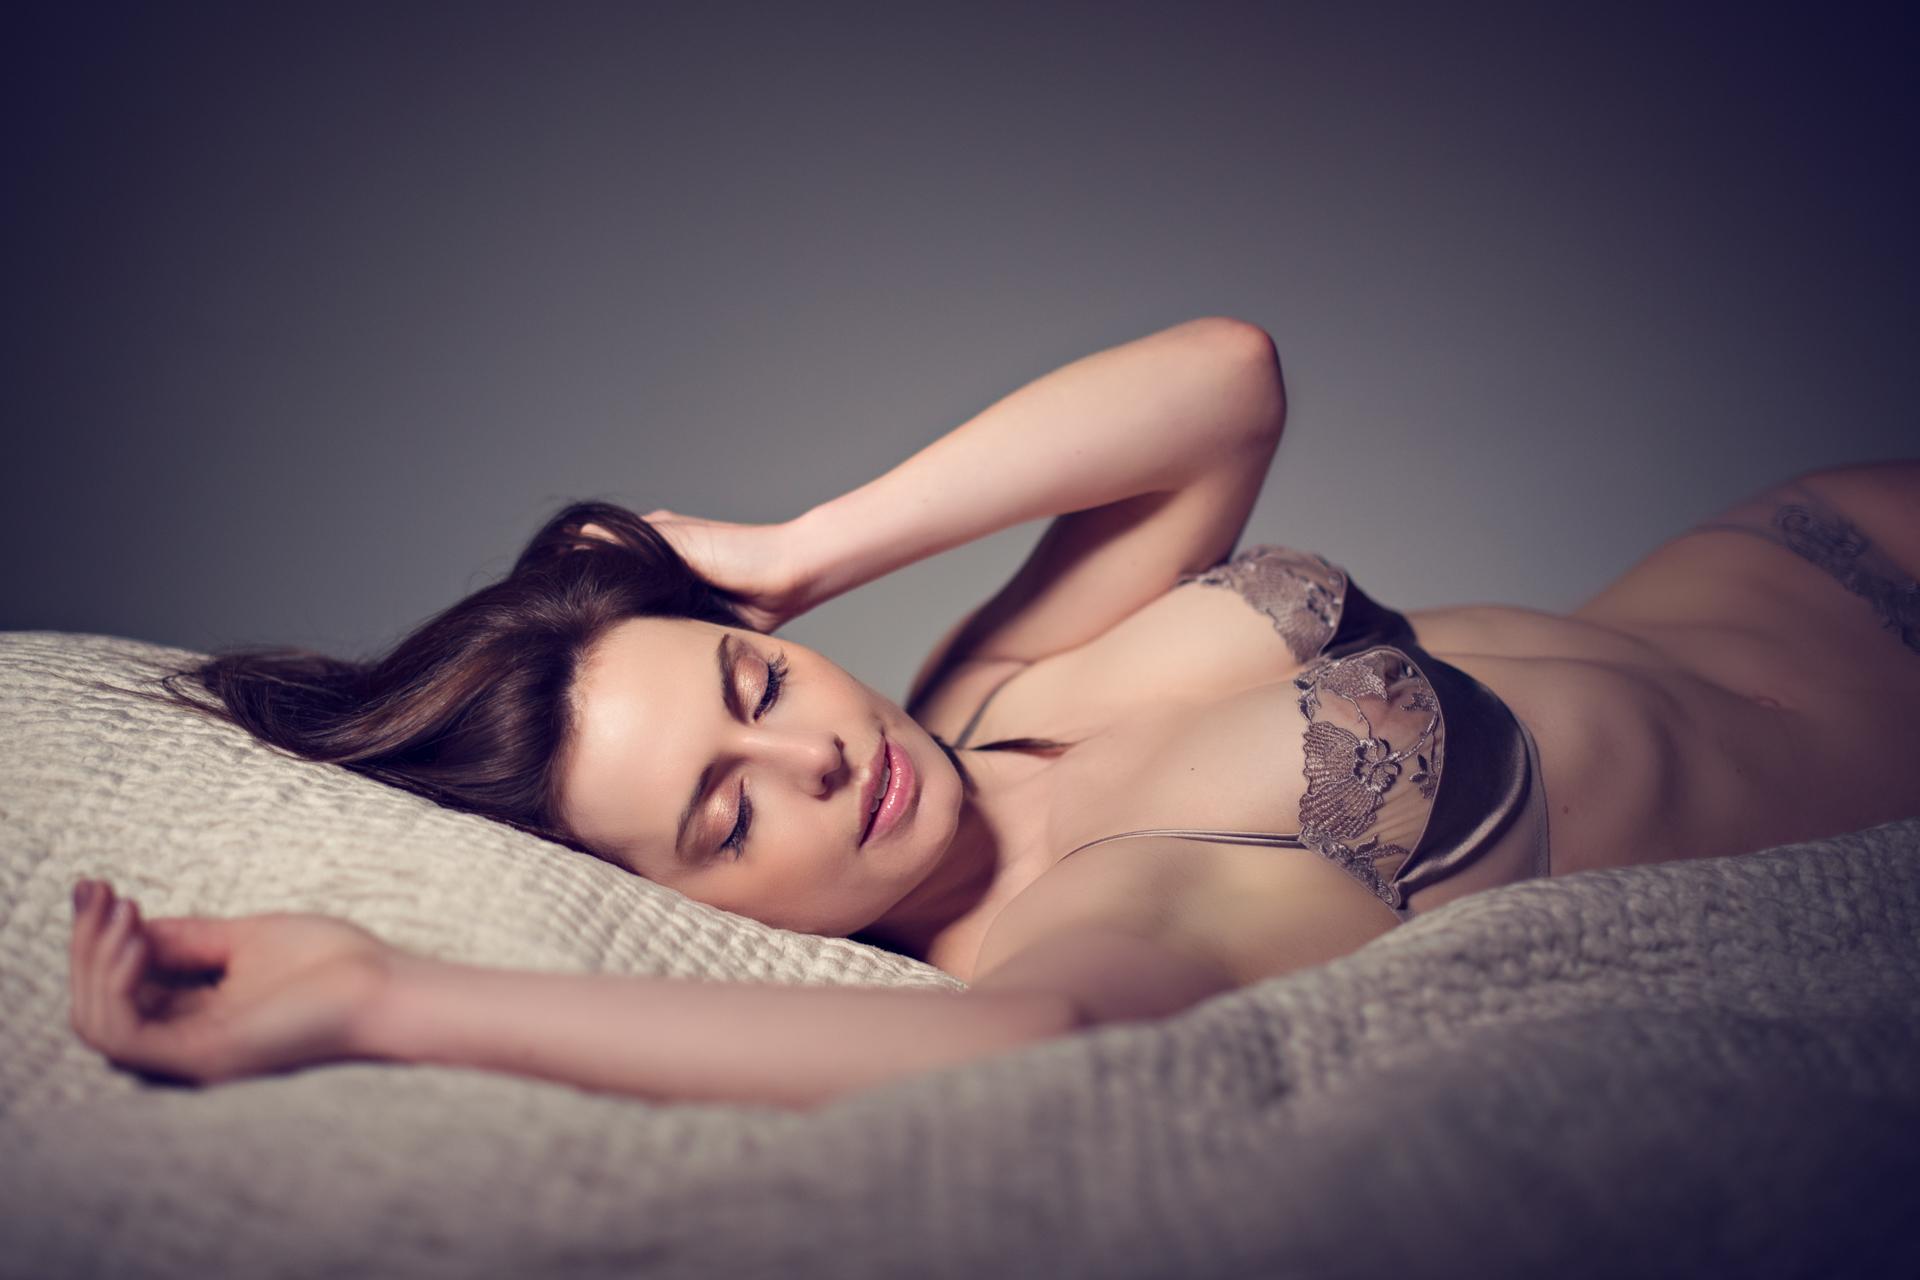 https://katehopewellsmith.com/wp-content/uploads/0005_uk_boudoir_photographer_kate_hopewell-smith.jpg